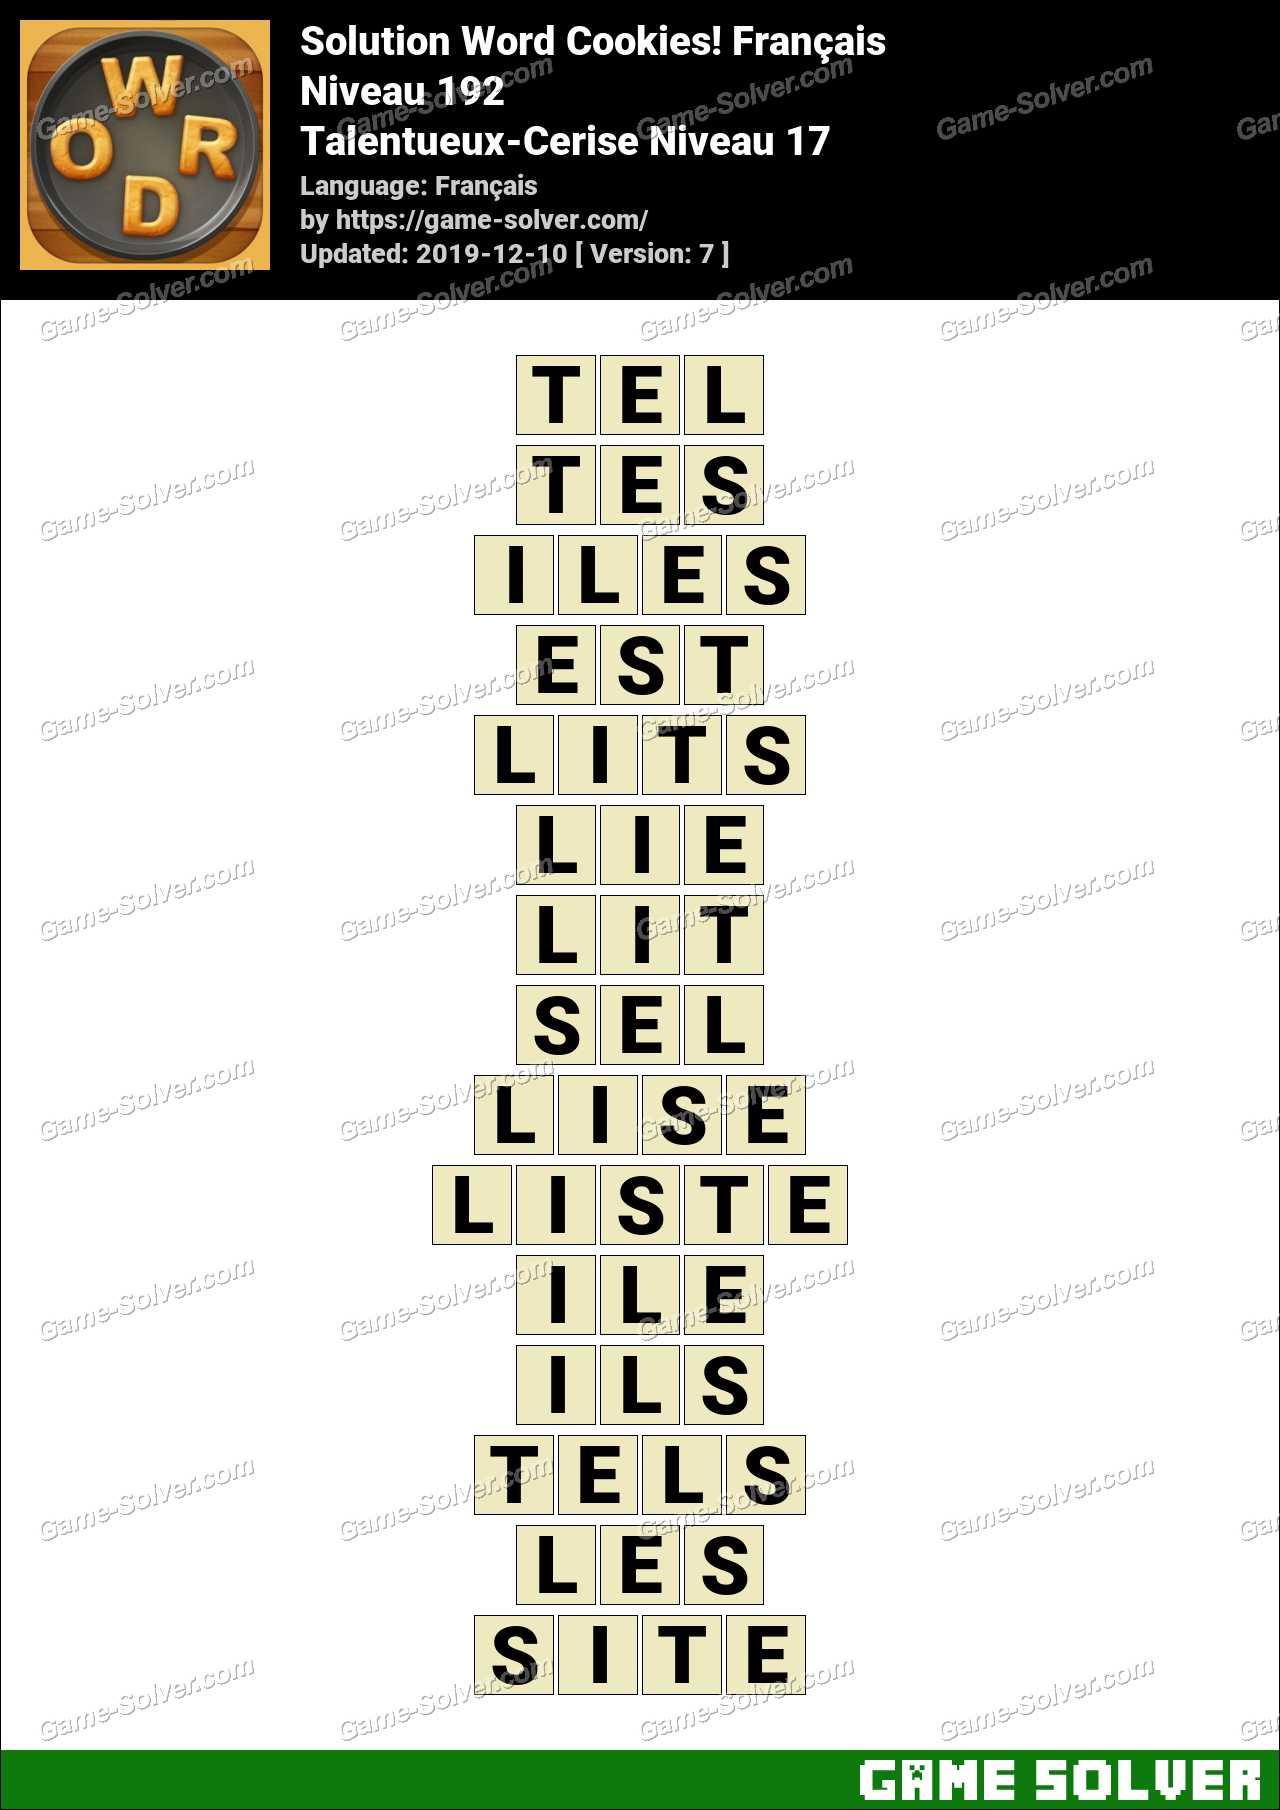 Solution Word Cookies Talentueux-Cerise Niveau 17